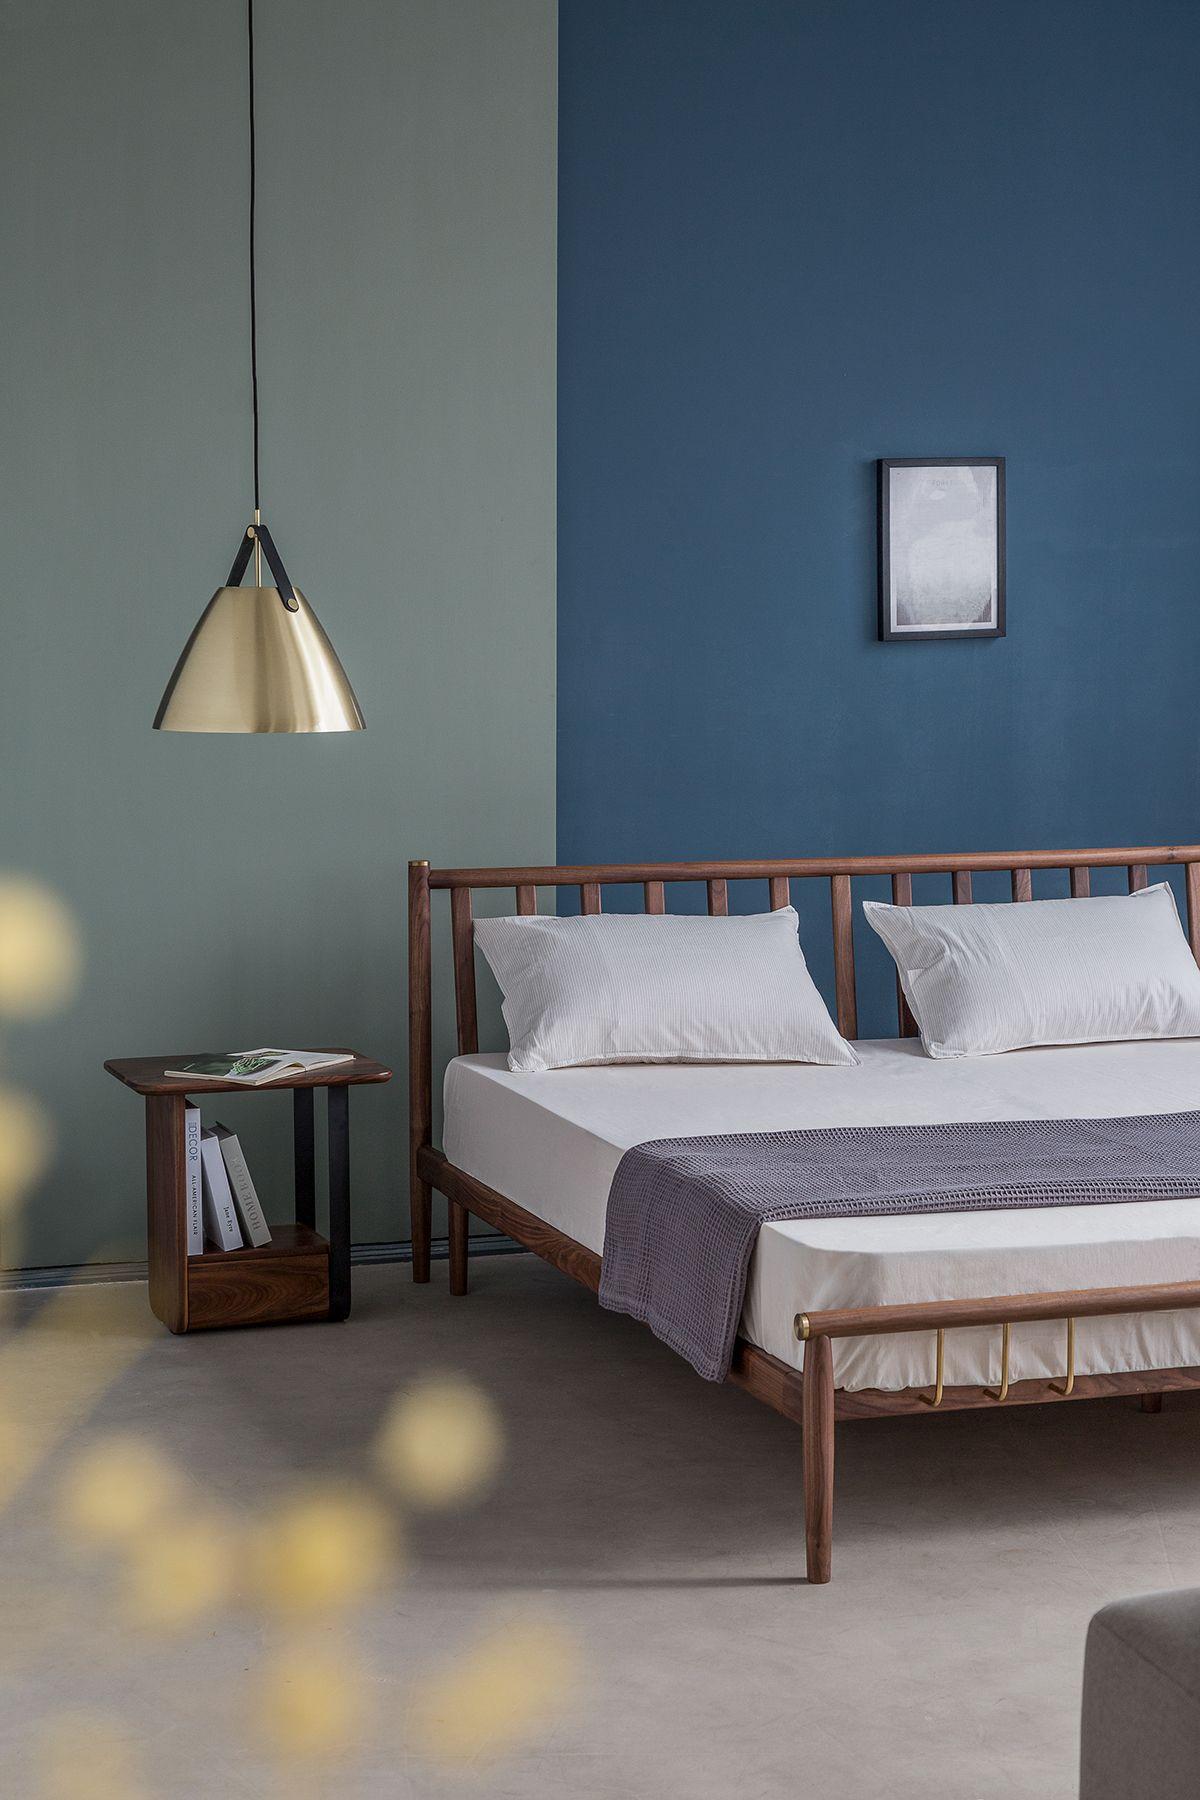 凭栏床 on Behance Bed headboard design, Furniture design